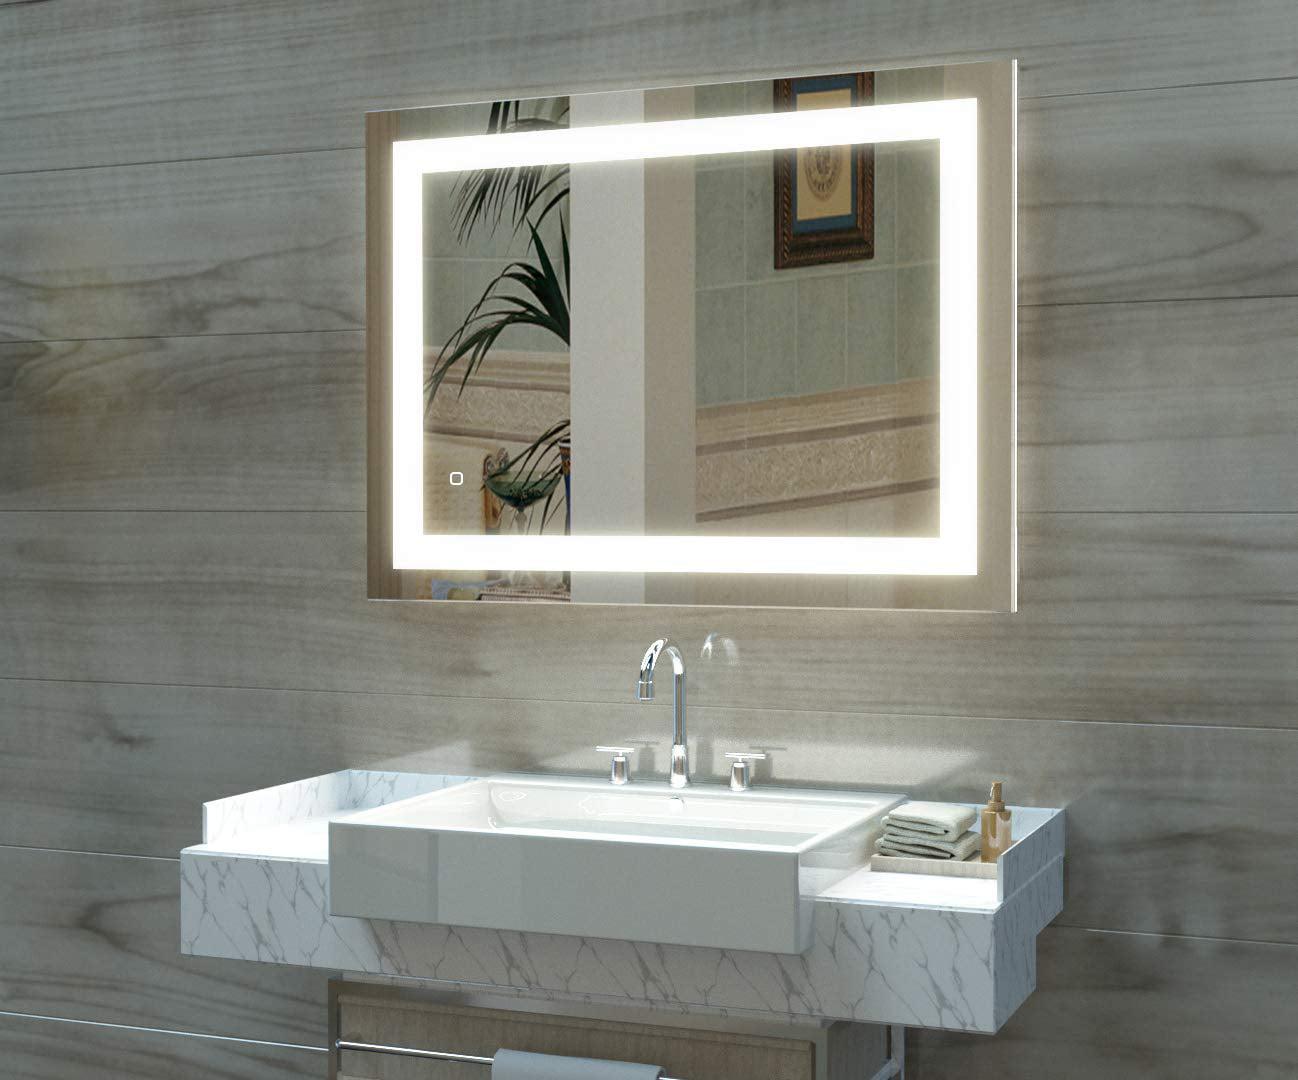 Ktaxon 32 X 24 Led Lighted Bathroom Wall Mounted Mirror Vanity Or Bathroom Wall Hanging Rectangle Vertical Mirror Anti Fog Ip67 Waterproof Walmart Com Walmart Com